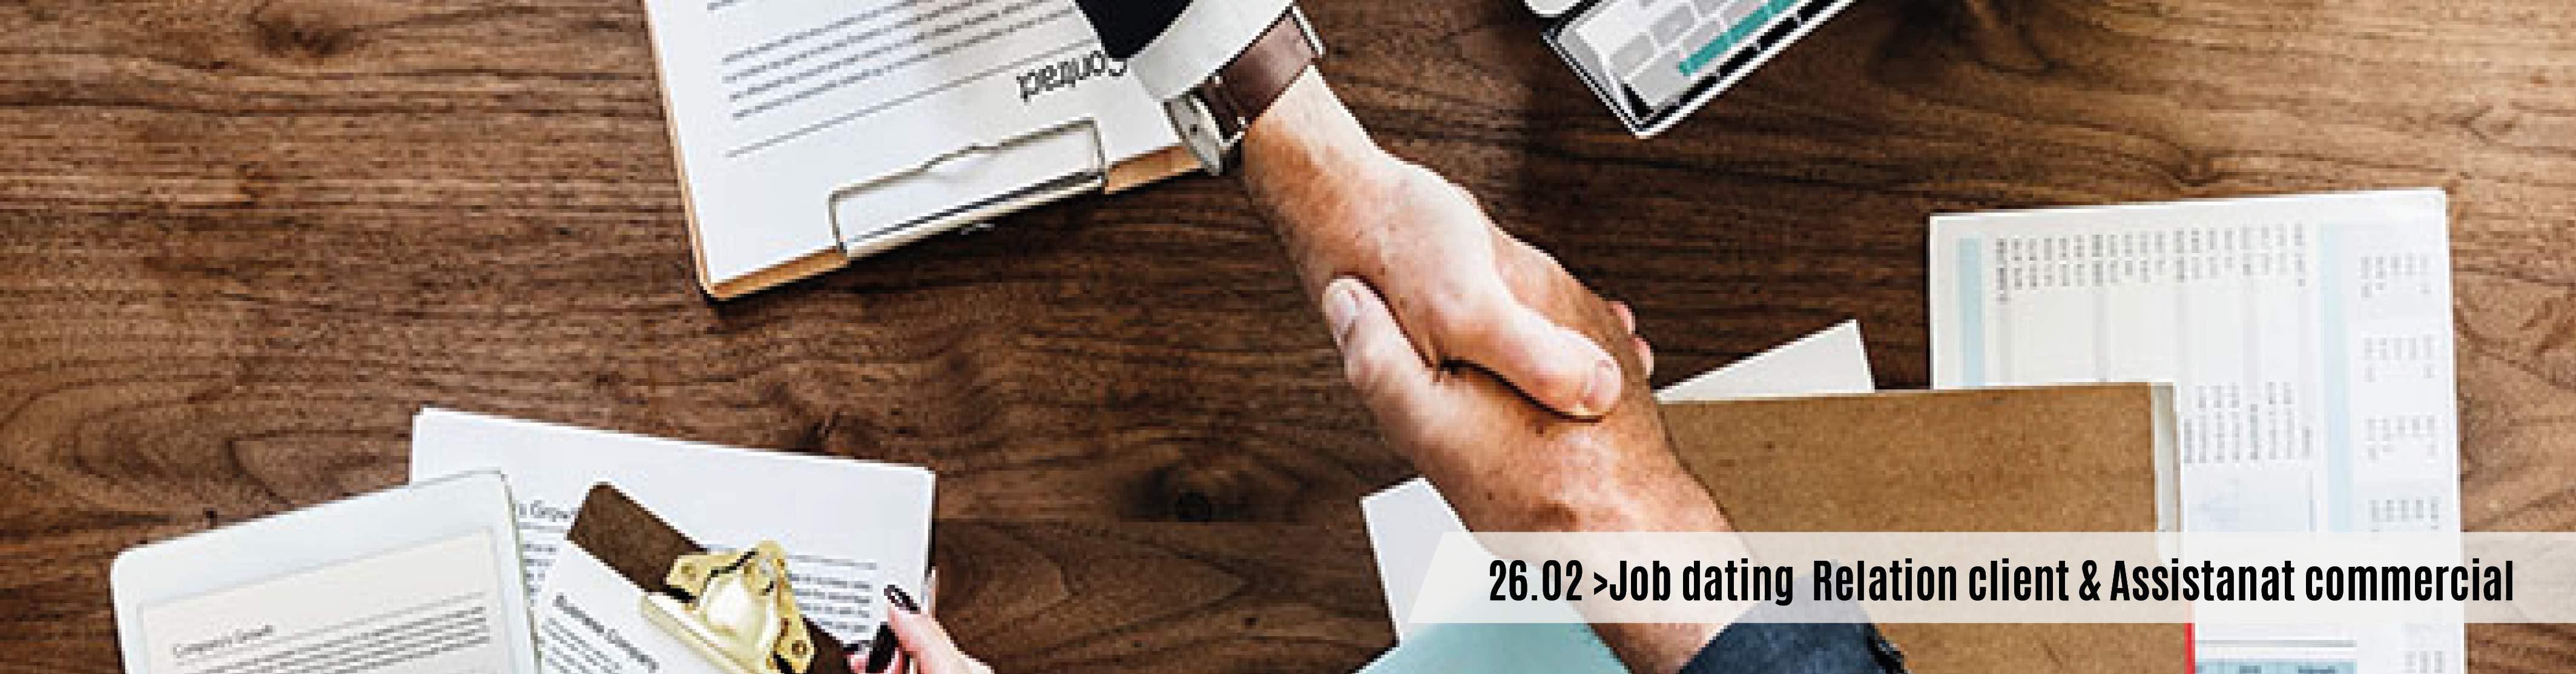 Vous recrutez dans les métiers de la relation client et de l'assistanat commercial ? Rendez-vous le 26 février pour le job dating H3O Conseil et Formation !